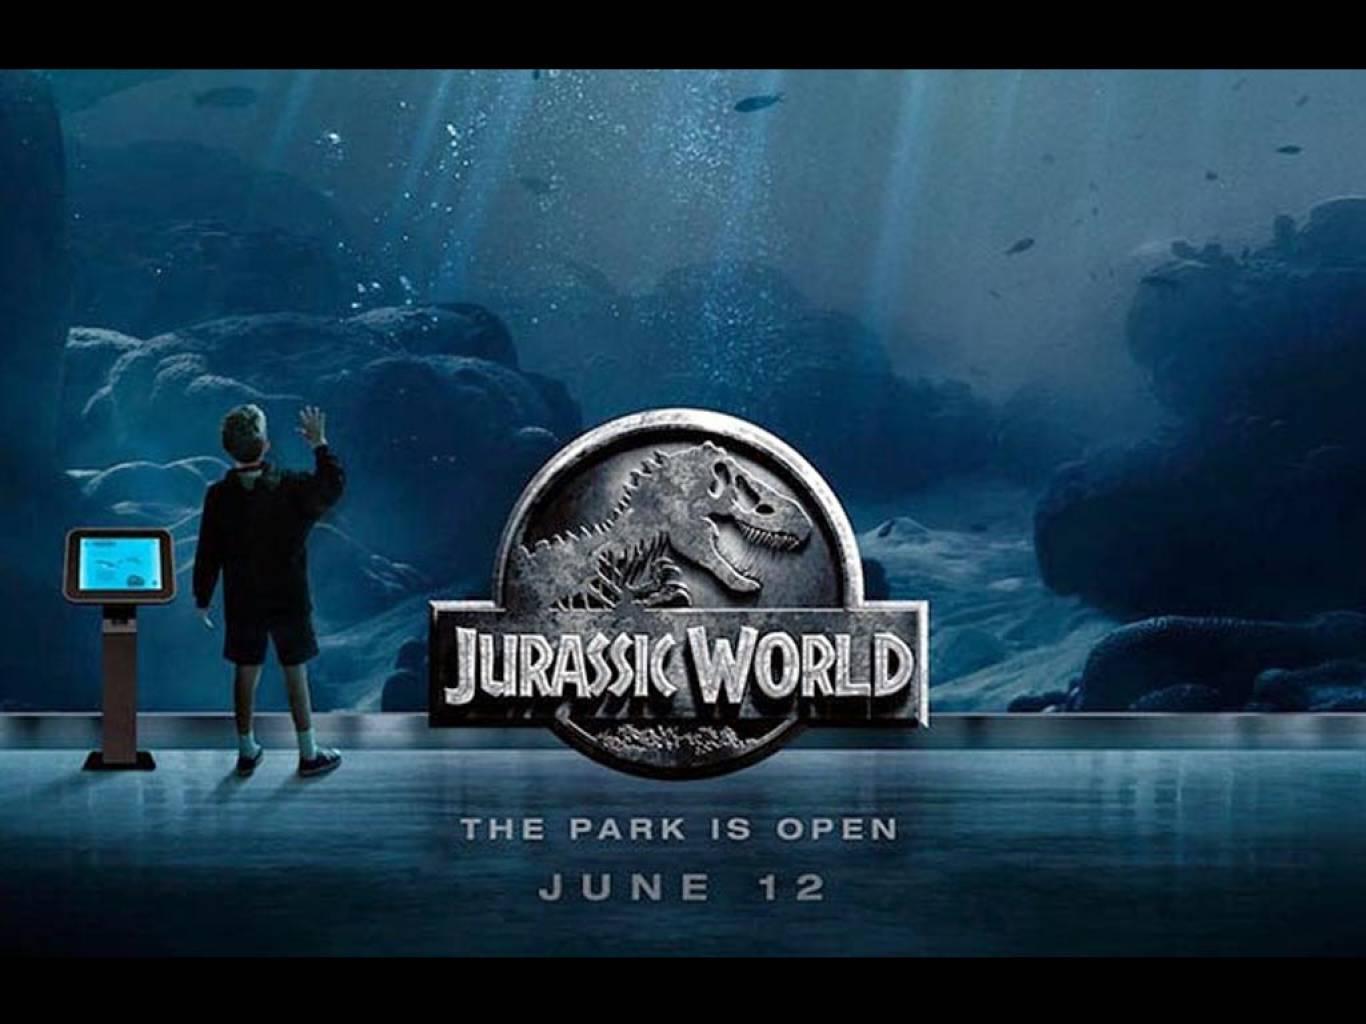 jurassic world movie hd wallpapers  jurassic world hd